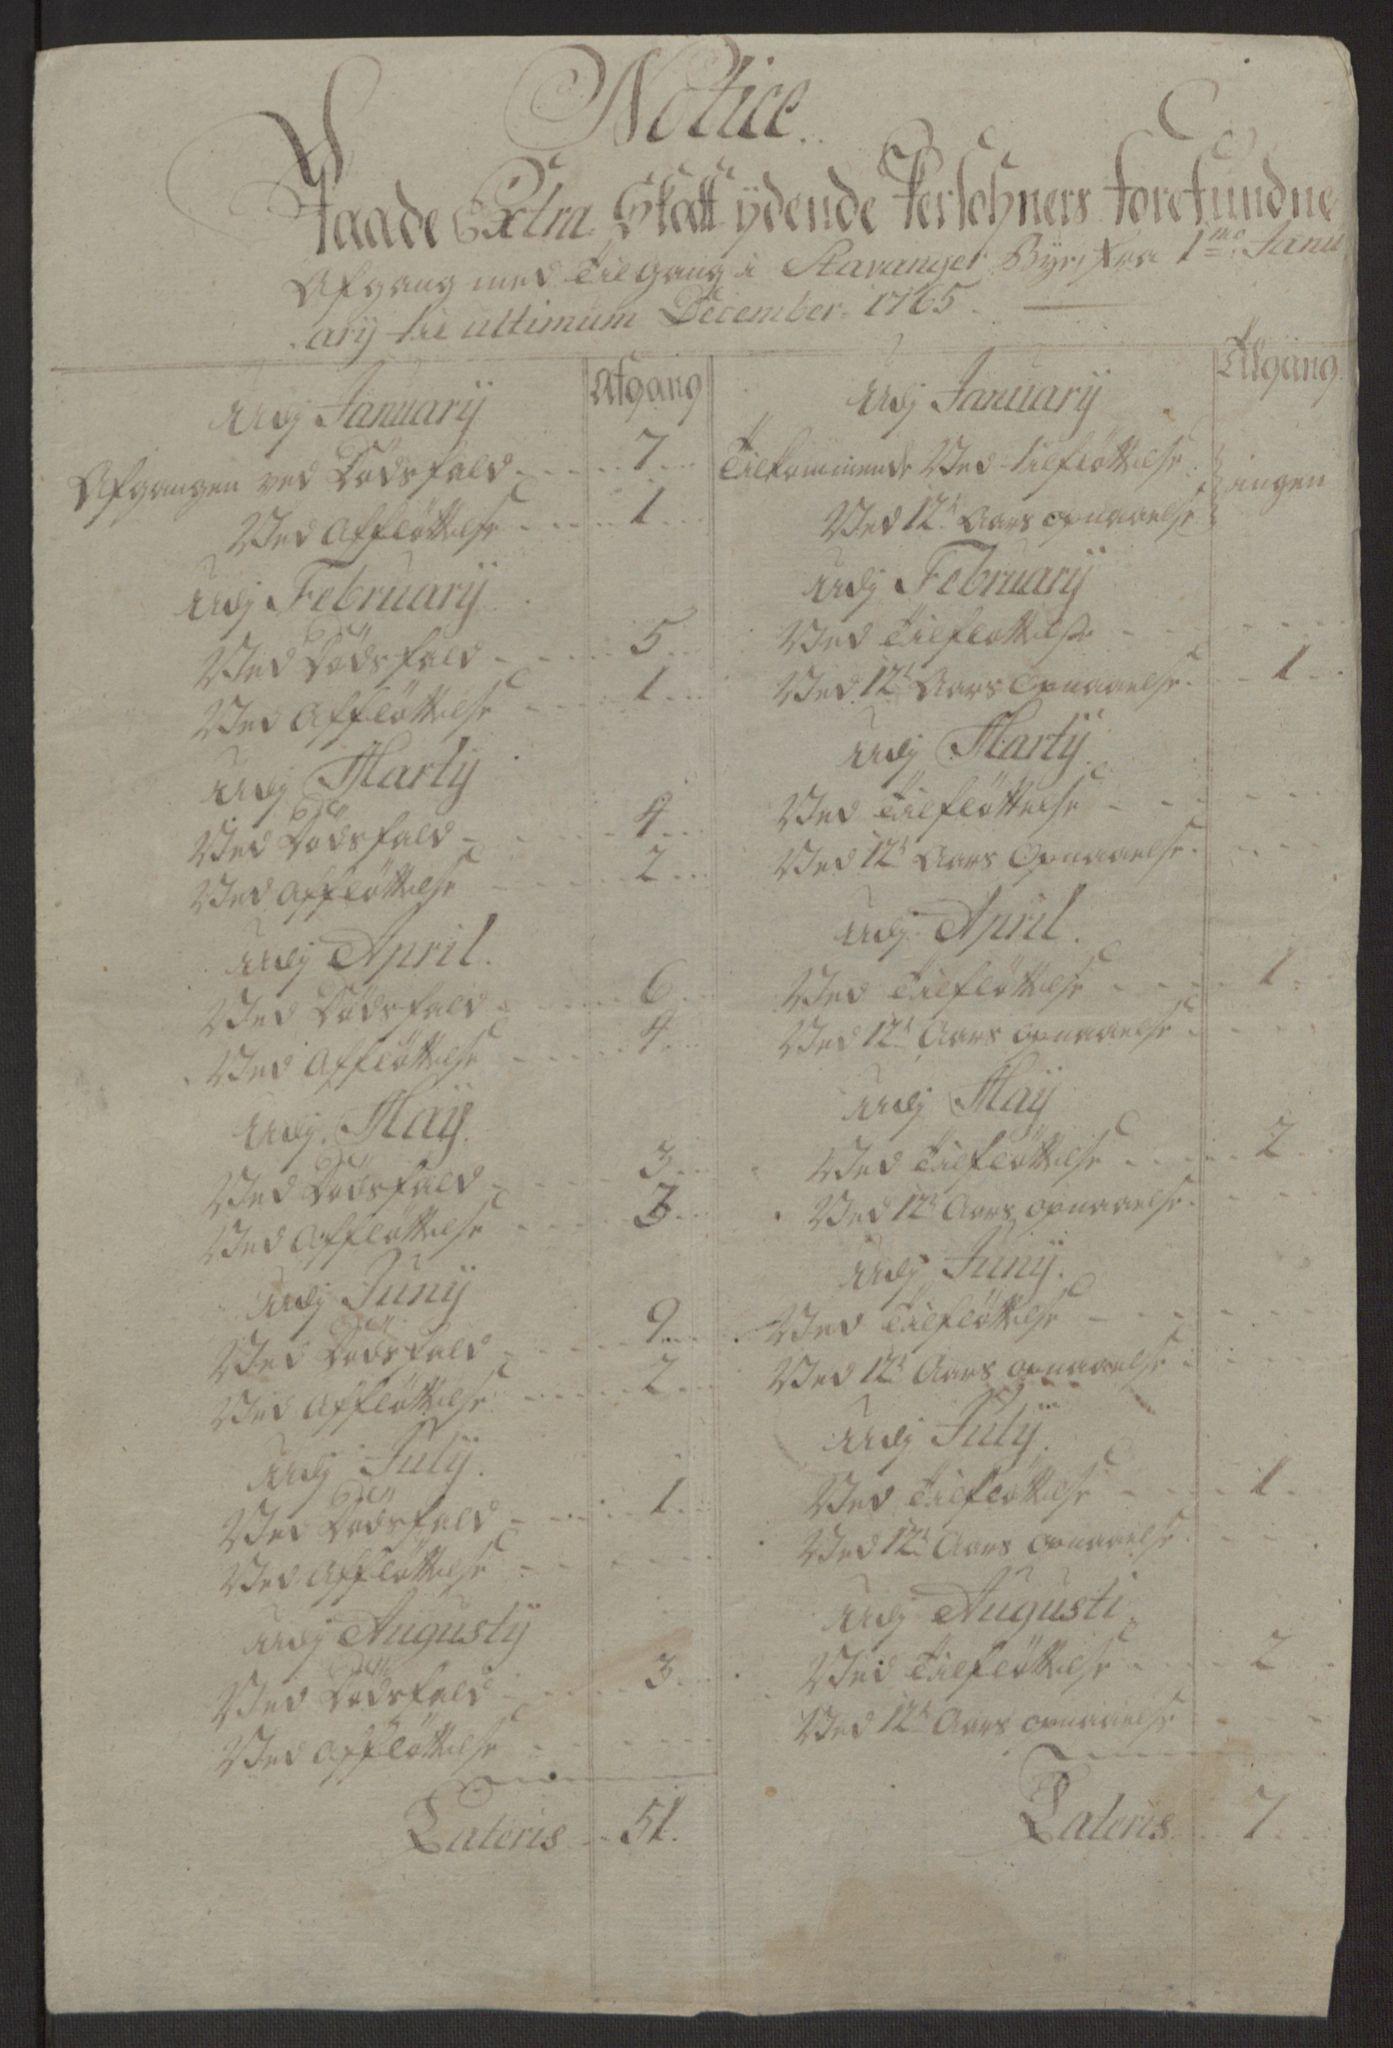 RA, Rentekammeret inntil 1814, Reviderte regnskaper, Byregnskaper, R/Ro/L0305: [O6] Kontribusjonsregnskap, 1762-1768, s. 113